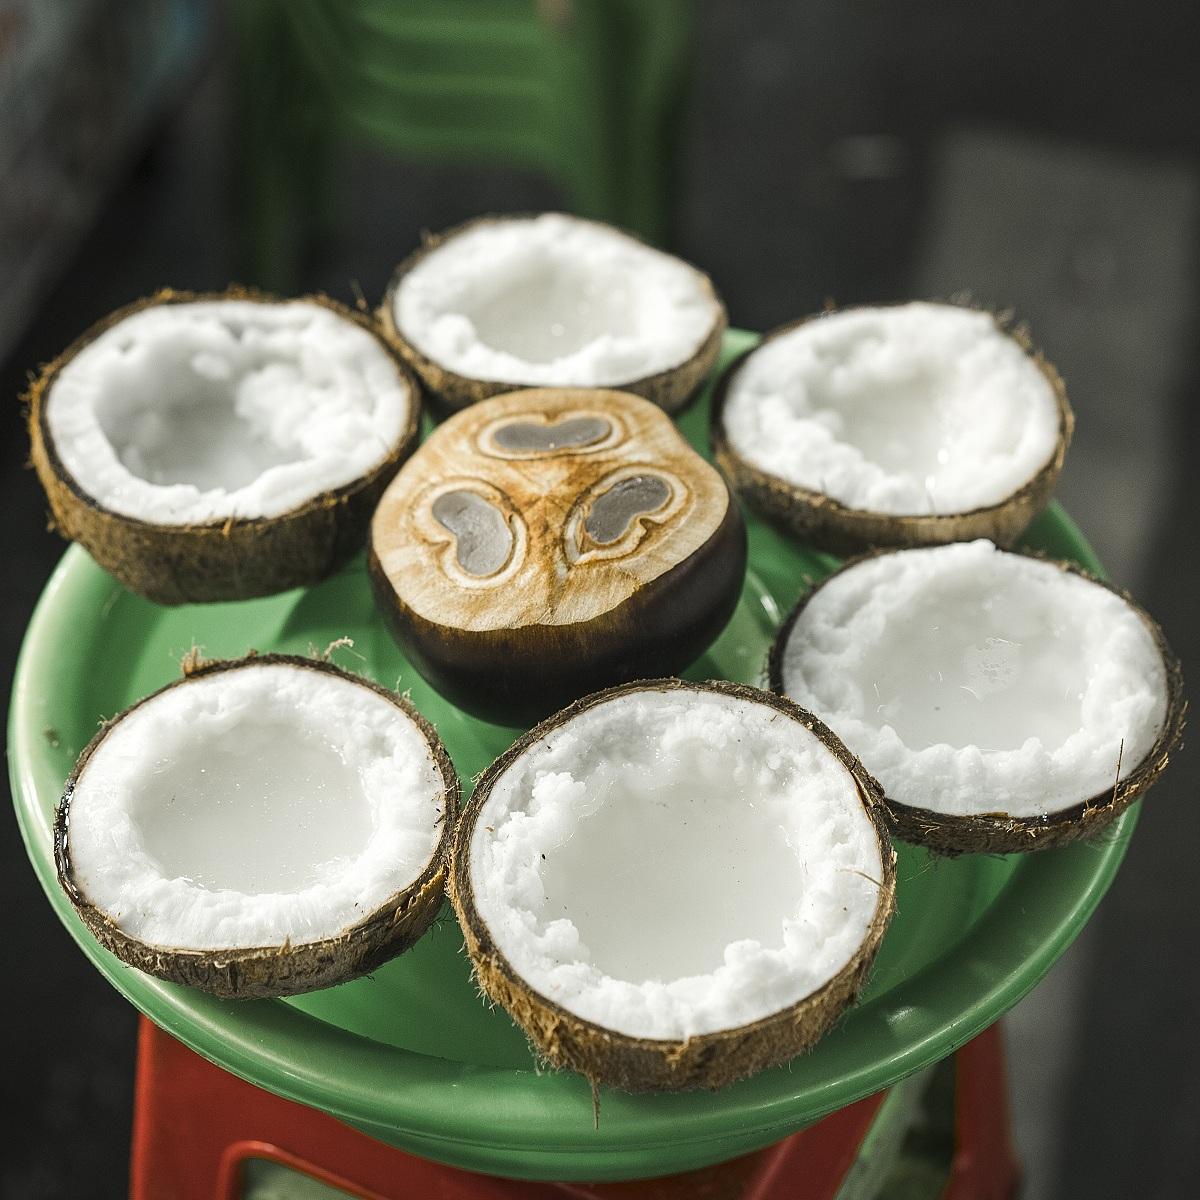 Một vòng ăn vặt buổi chiều tối tại chợ đêm Phú Quốc cũng là gợi ý của food blogger này. Một trong những món không thể bỏ qua là dừa sáp.